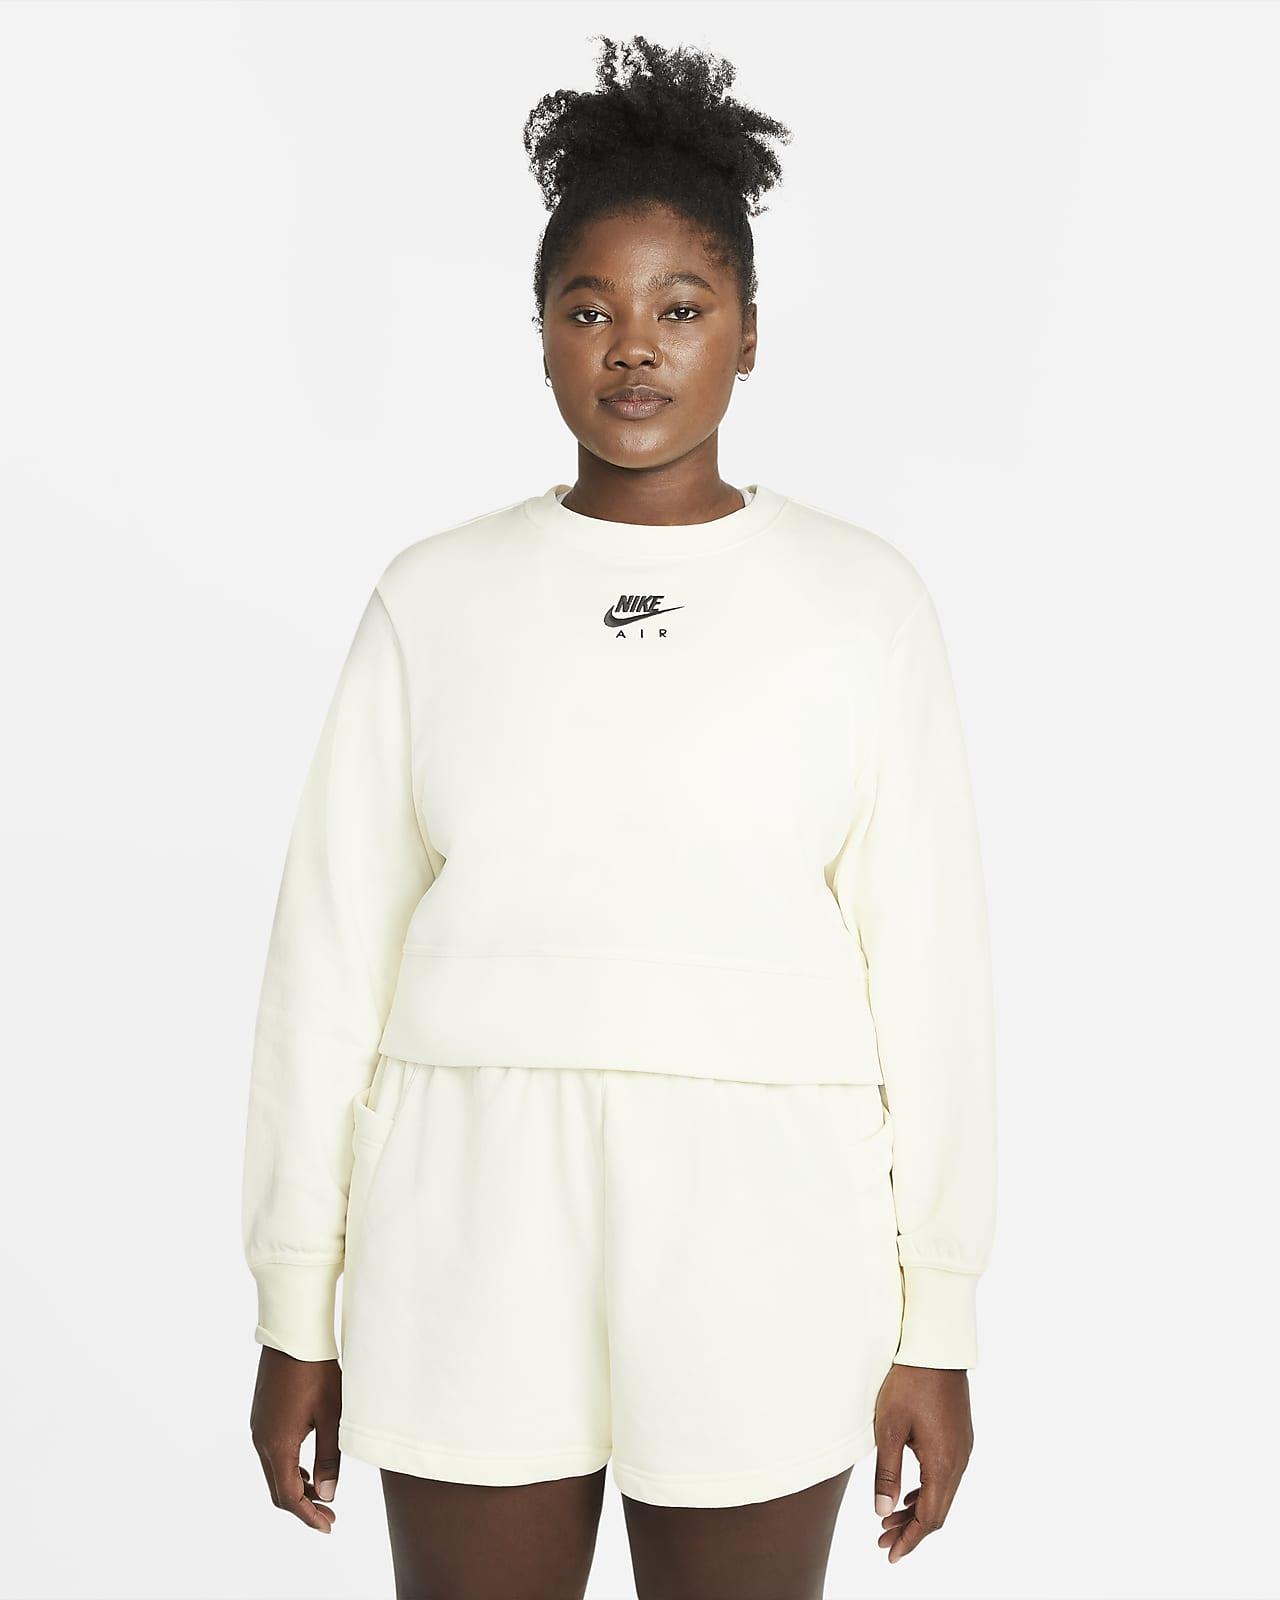 Nike Air Women's Crew (Plus size)